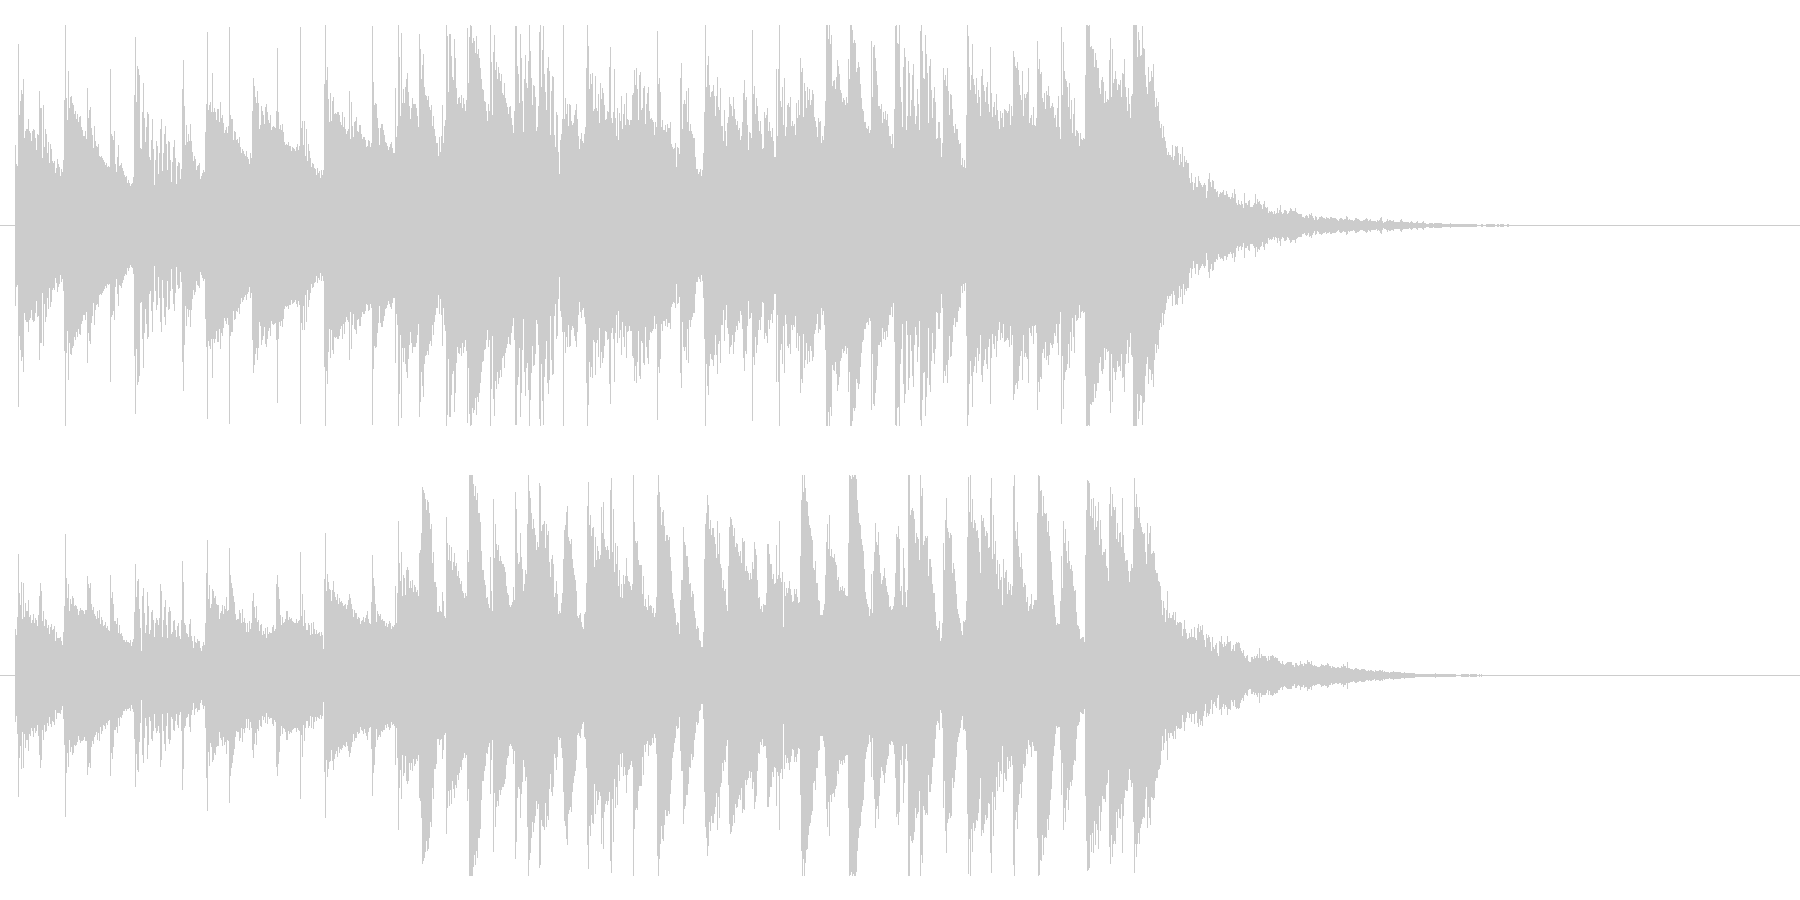 オープニングジングル映像向わくわくピアノの未再生の波形